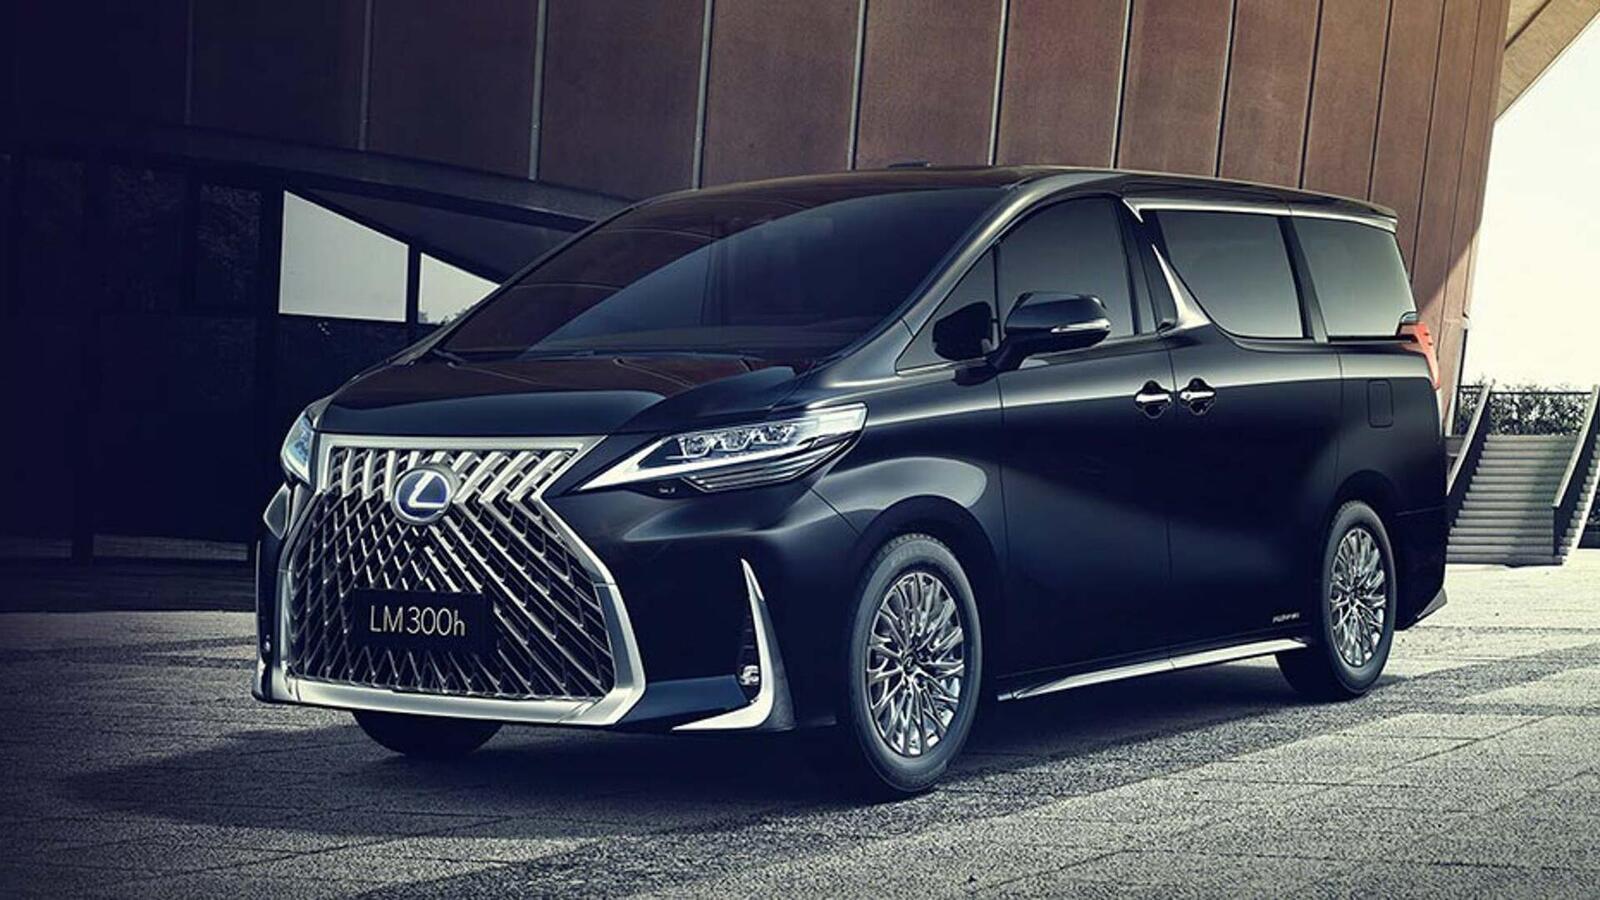 Lexus giới thiệu LM hoàn toàn mới: Chiếc minivan mang đẳng cấp khác biệt so với Toyota Alphard - Hình 1